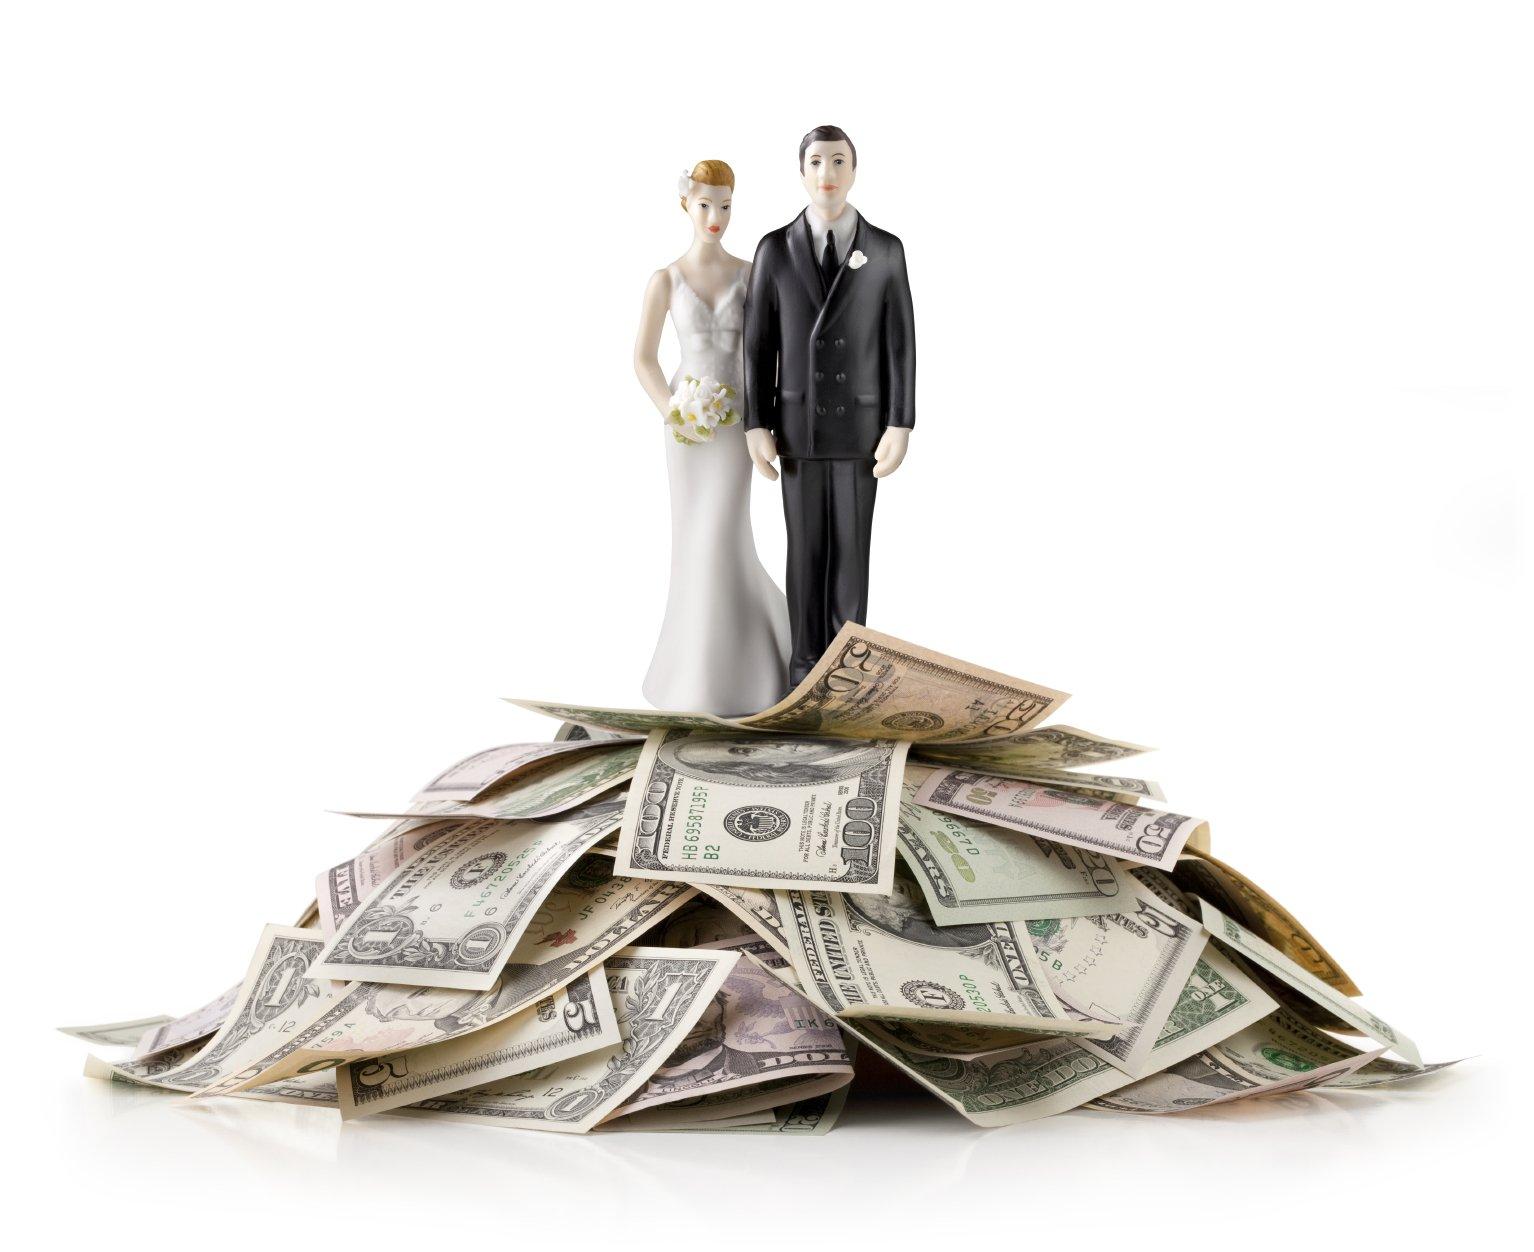 Organizzare-un-matrimonio-budget e costi - Daniele Panareo Fotografo matrimoni Lecce